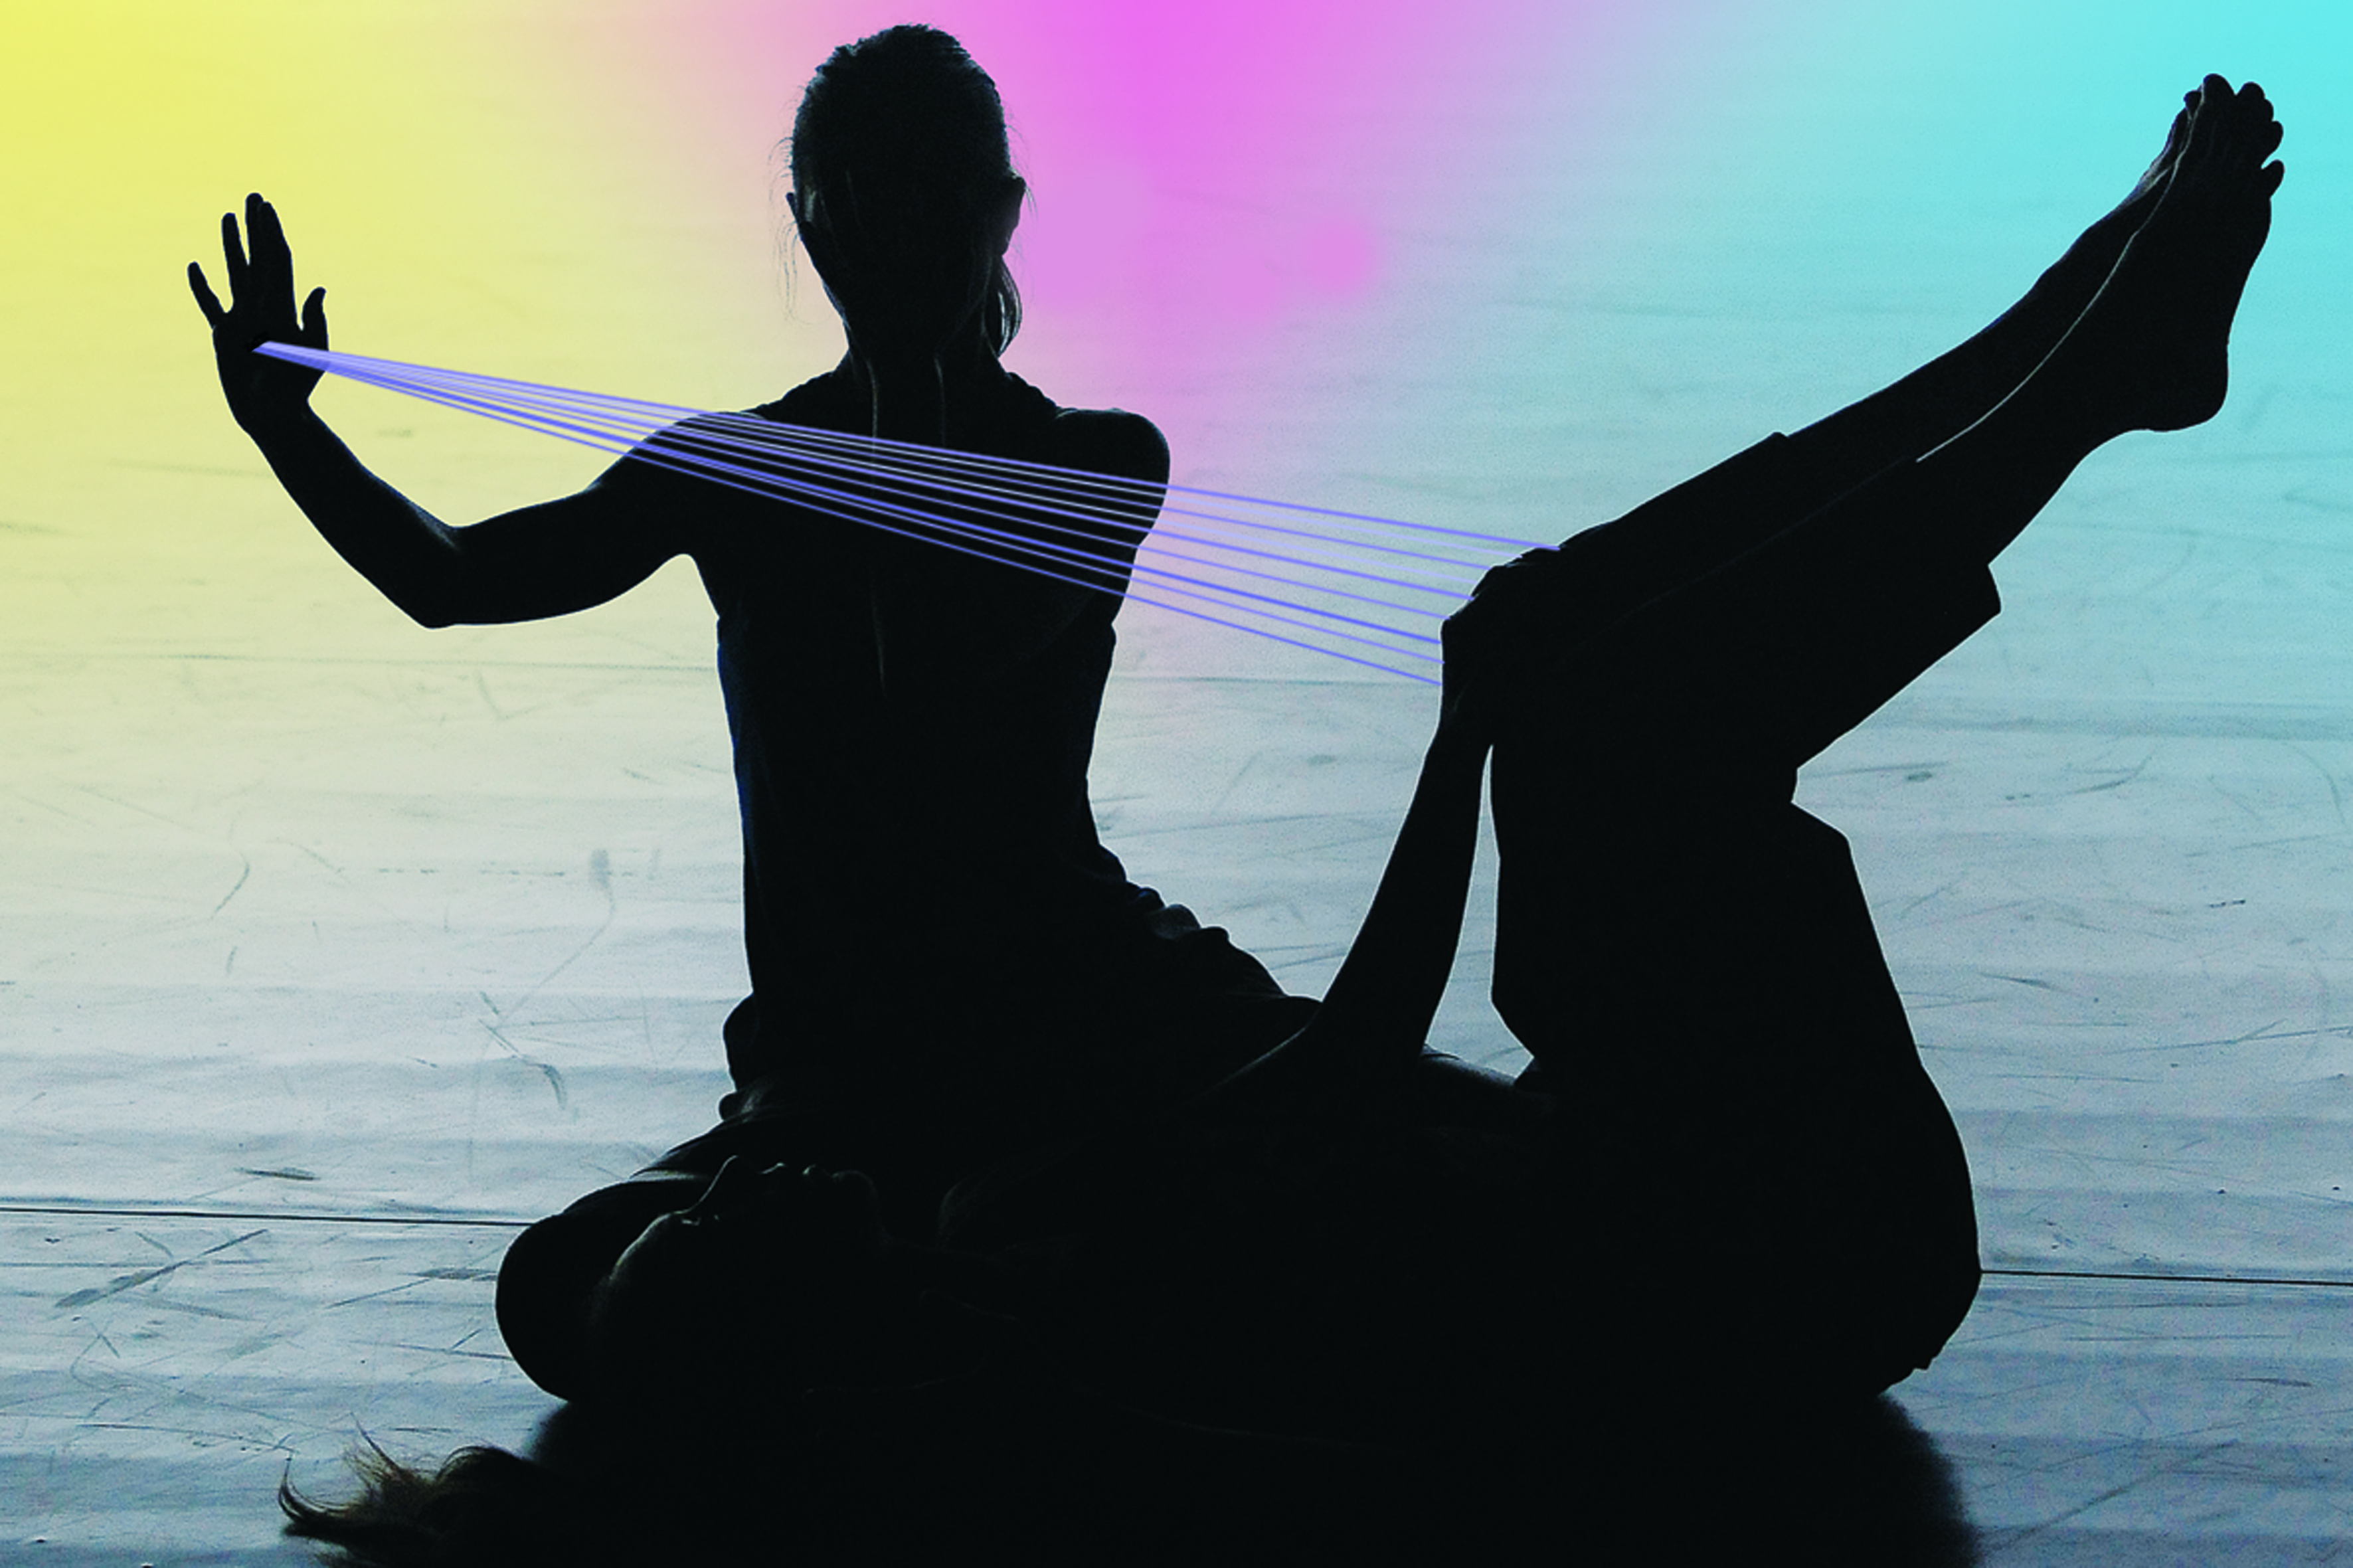 http://www.danzaurbana.eu/festival/wp-content/uploads/fIndacodefinitiva.jpg